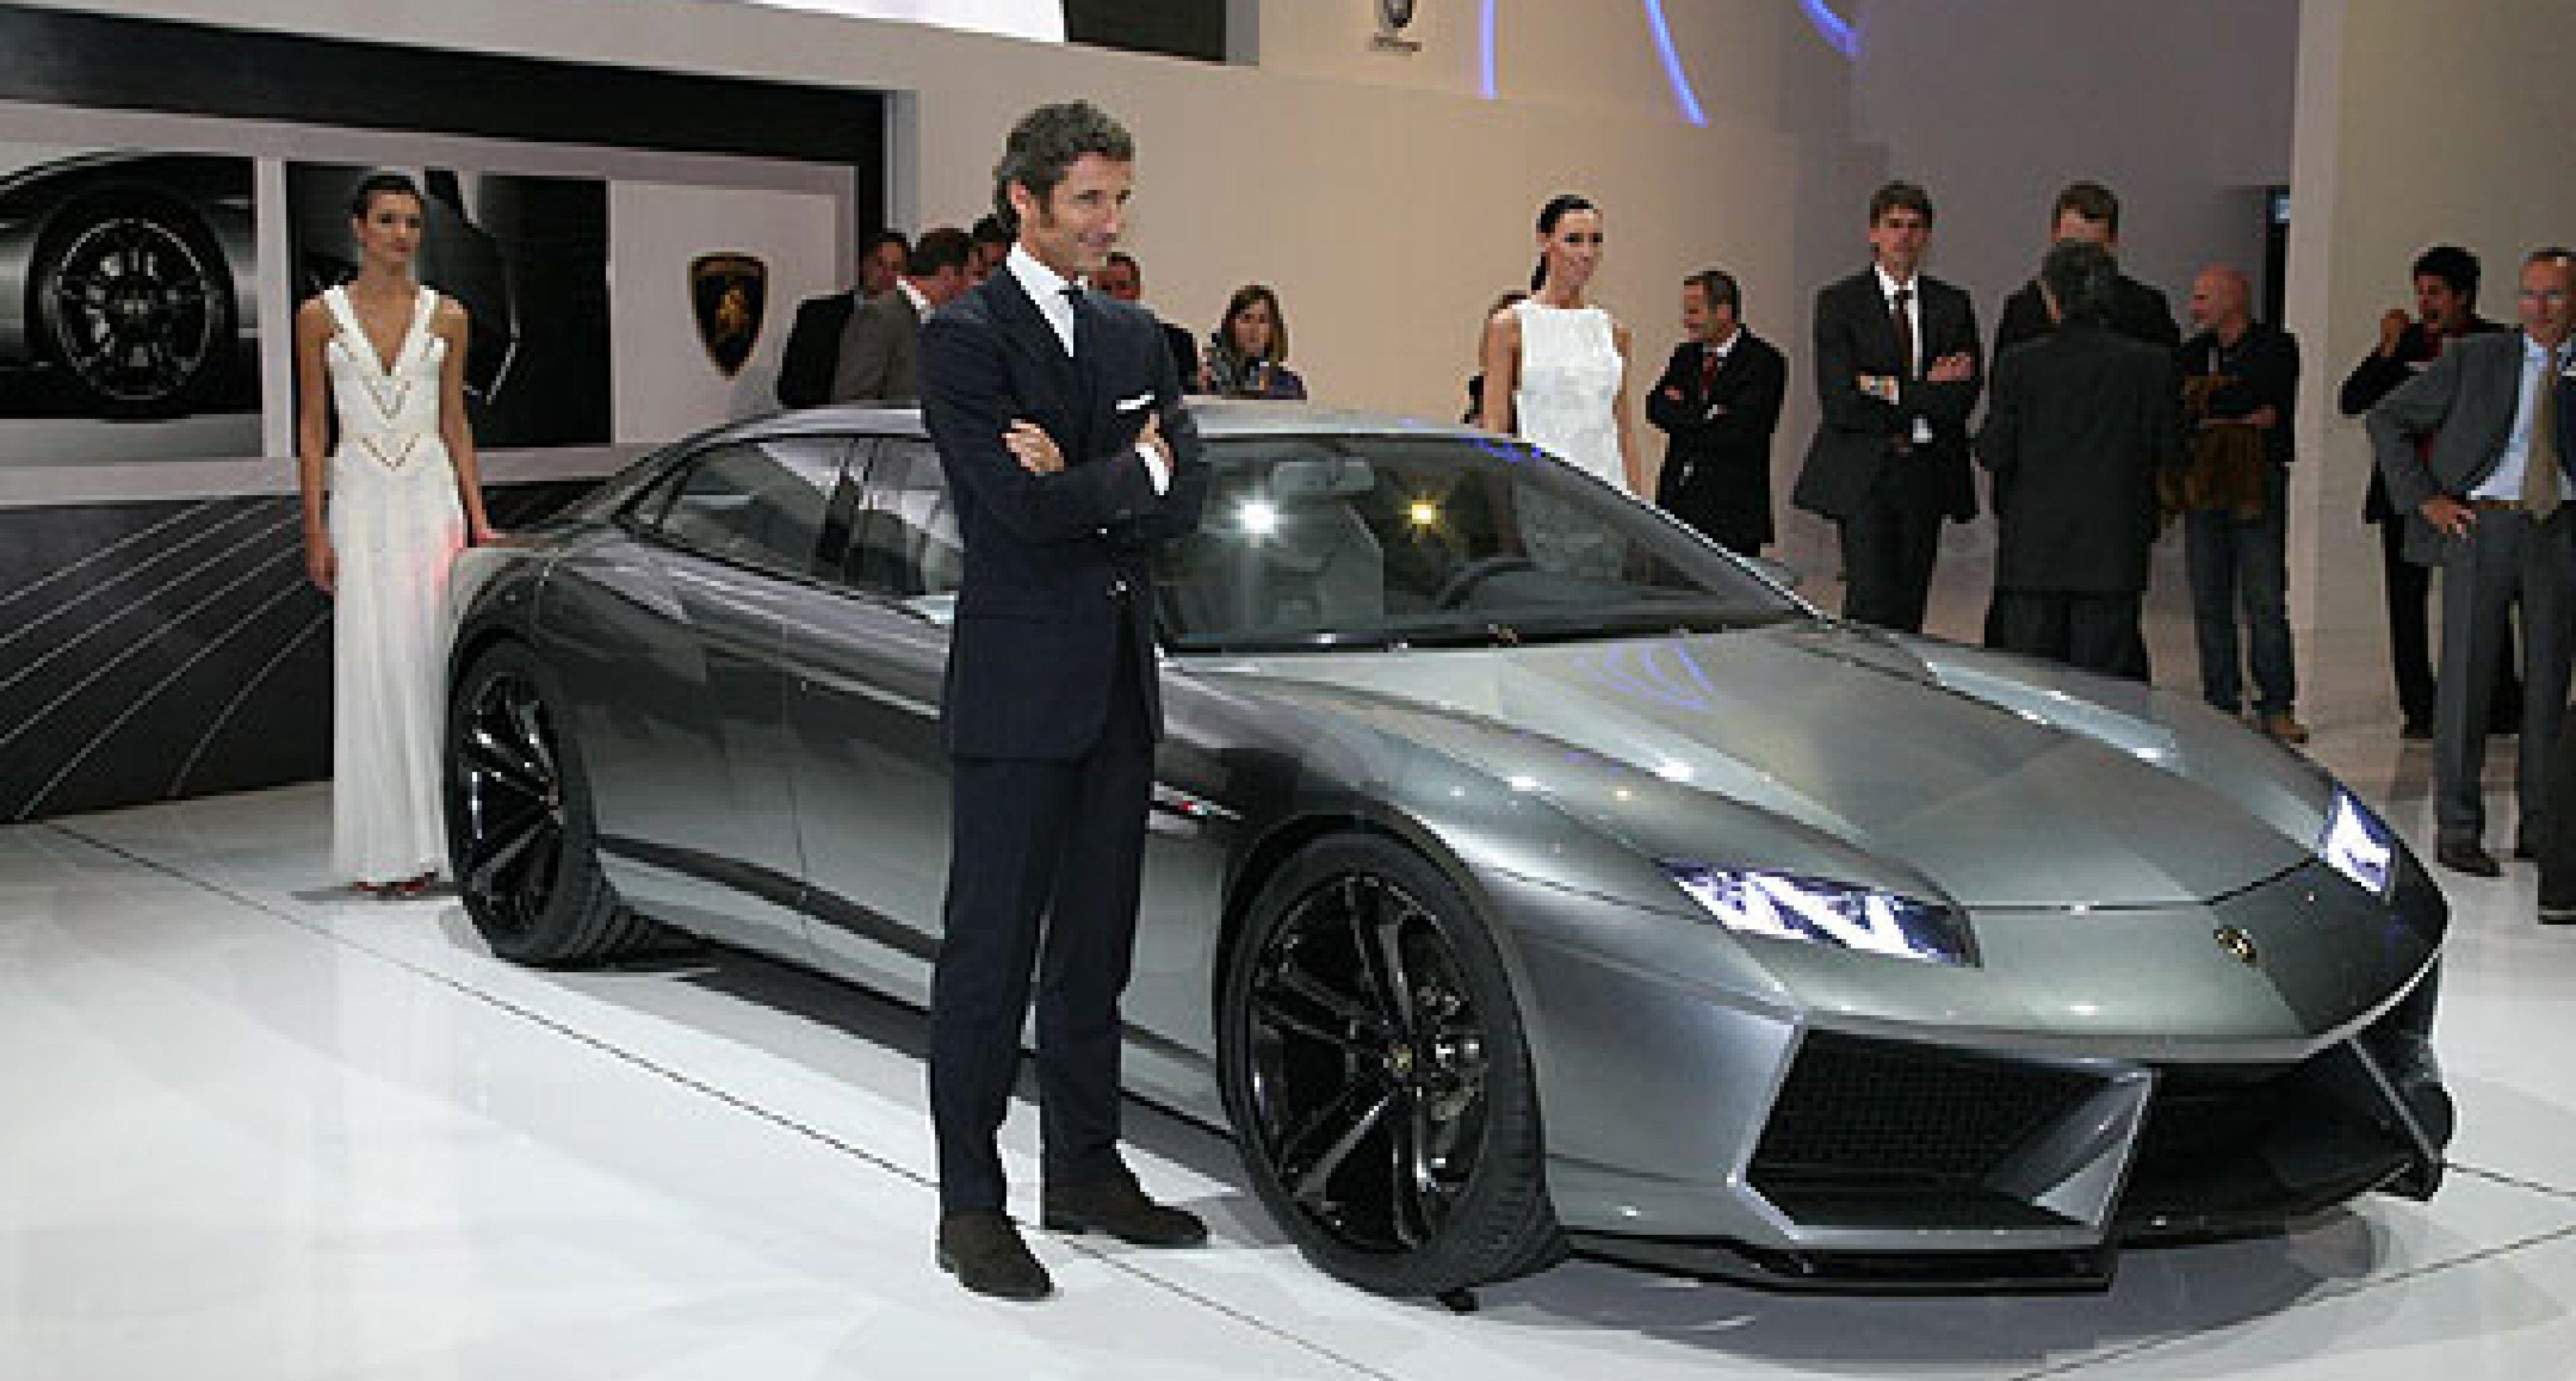 Lamborghini Estoque: Four-seater Concept Debuts in Paris